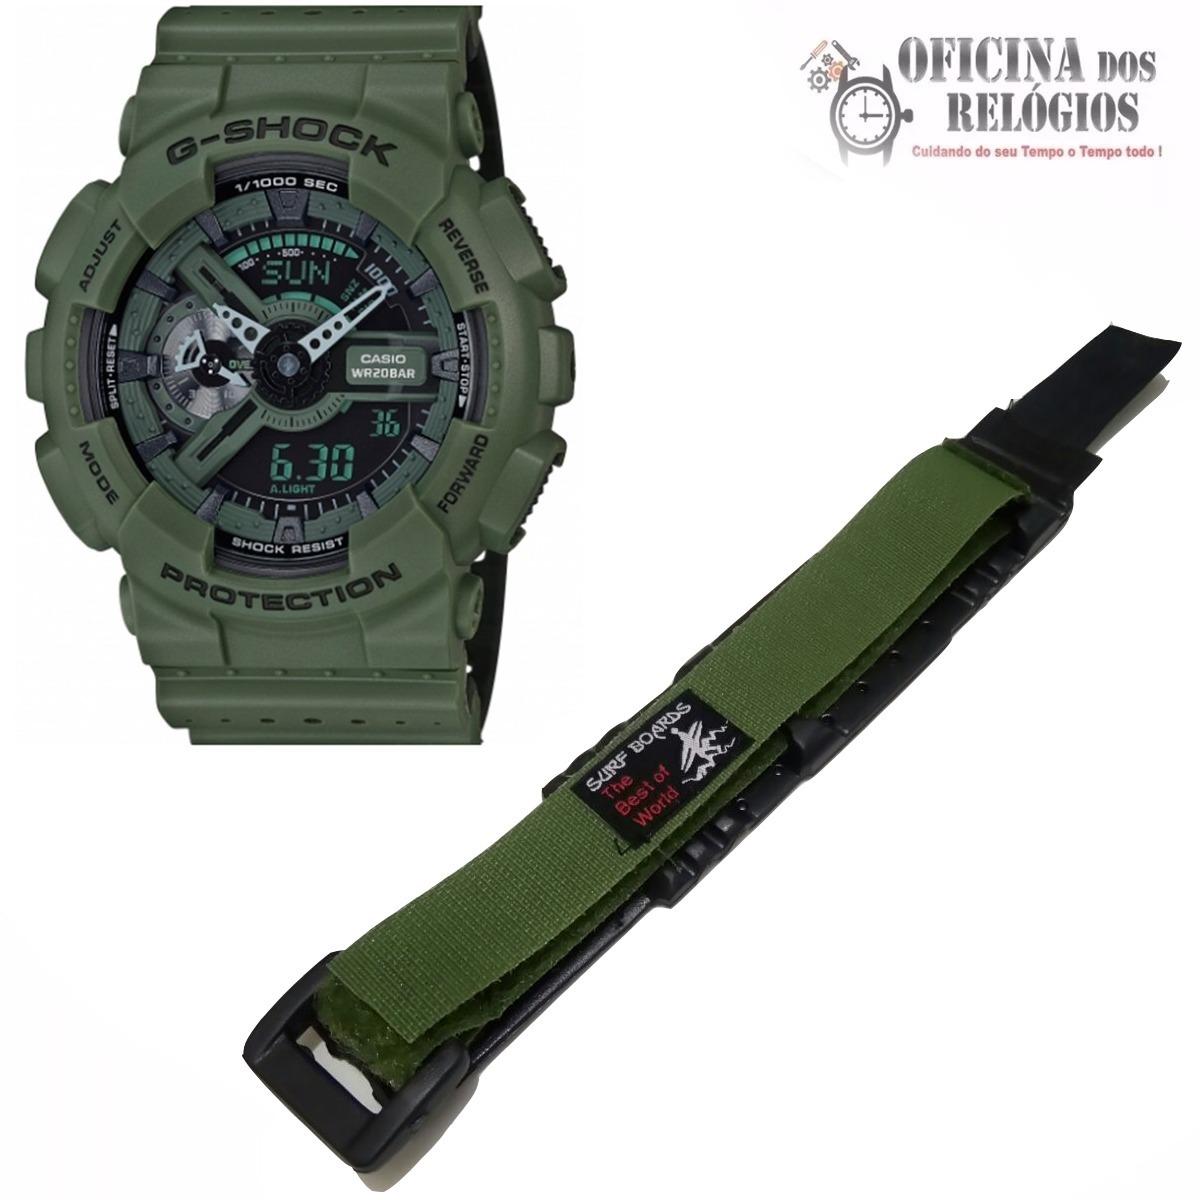 e16b9c083 pulseira relogio casio g-shock ga-110 verde frete grátis. Carregando zoom.